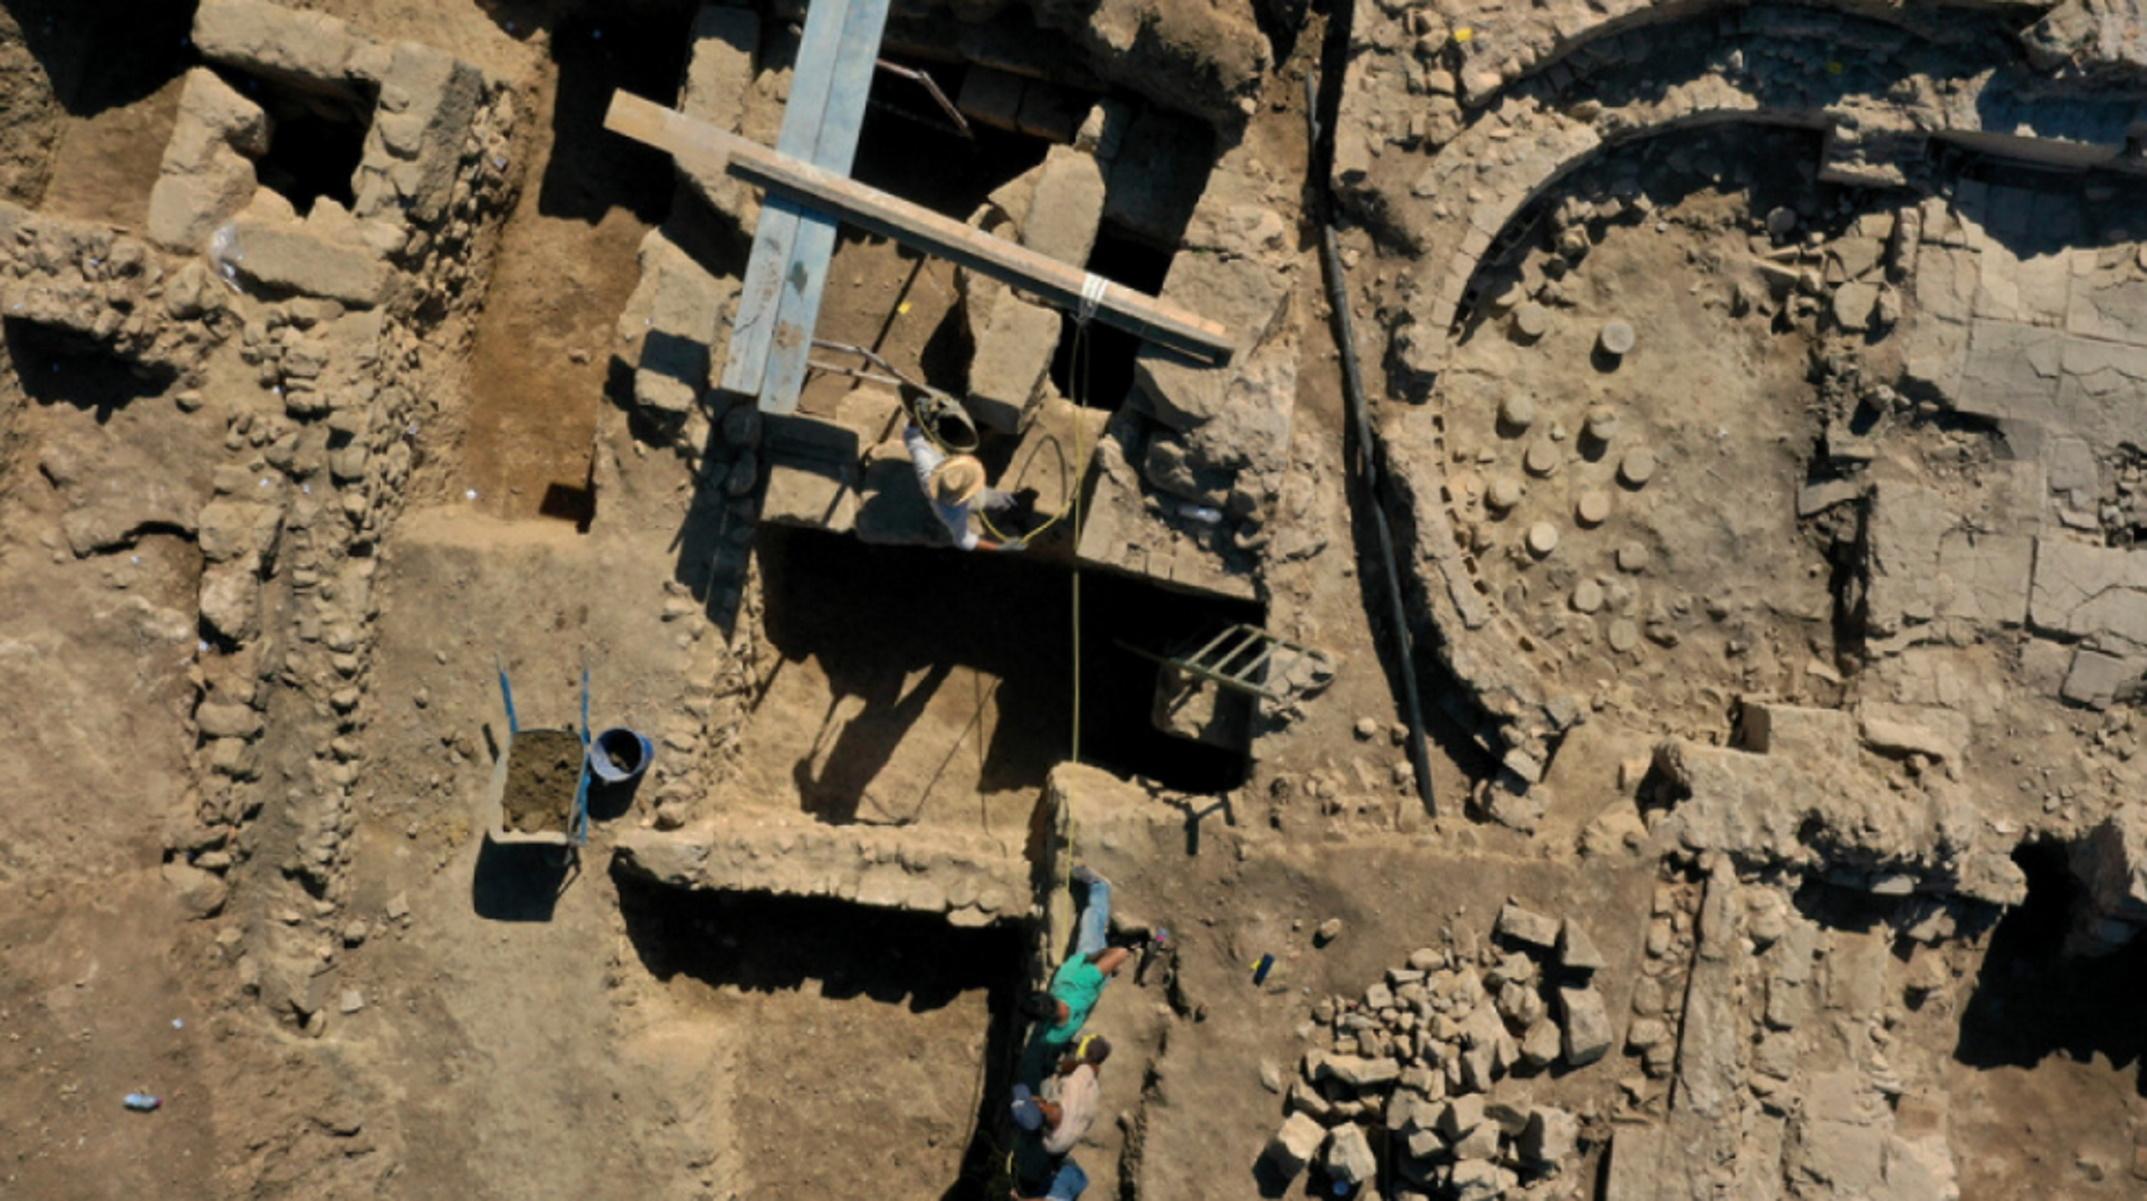 Λέσβος: Εντυπωσιακές ανακαλύψεις στην Αρχαία Άντισσα